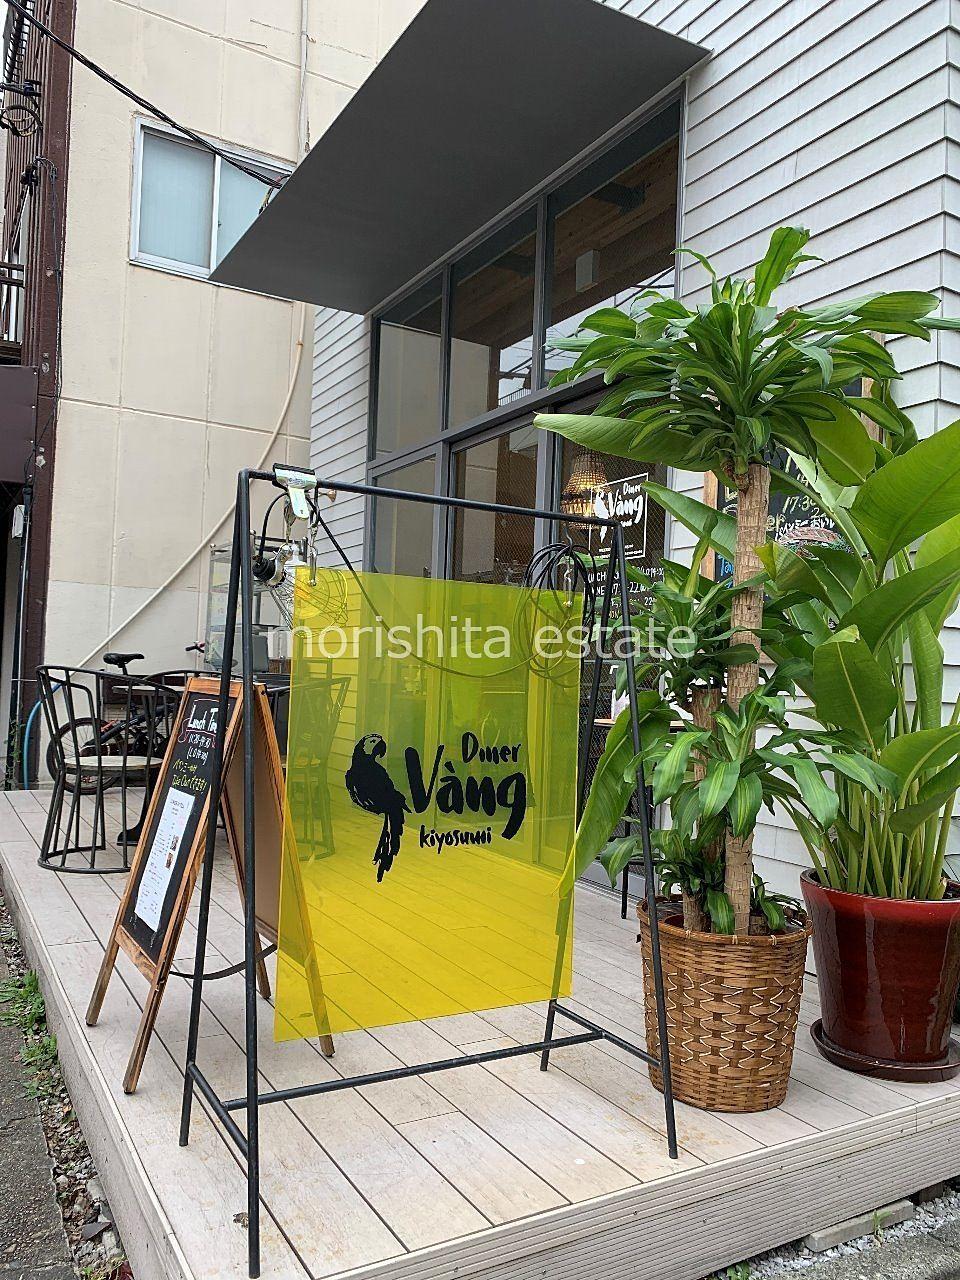 ベトナム料理☆Diner vang (ダイナーヴァン)